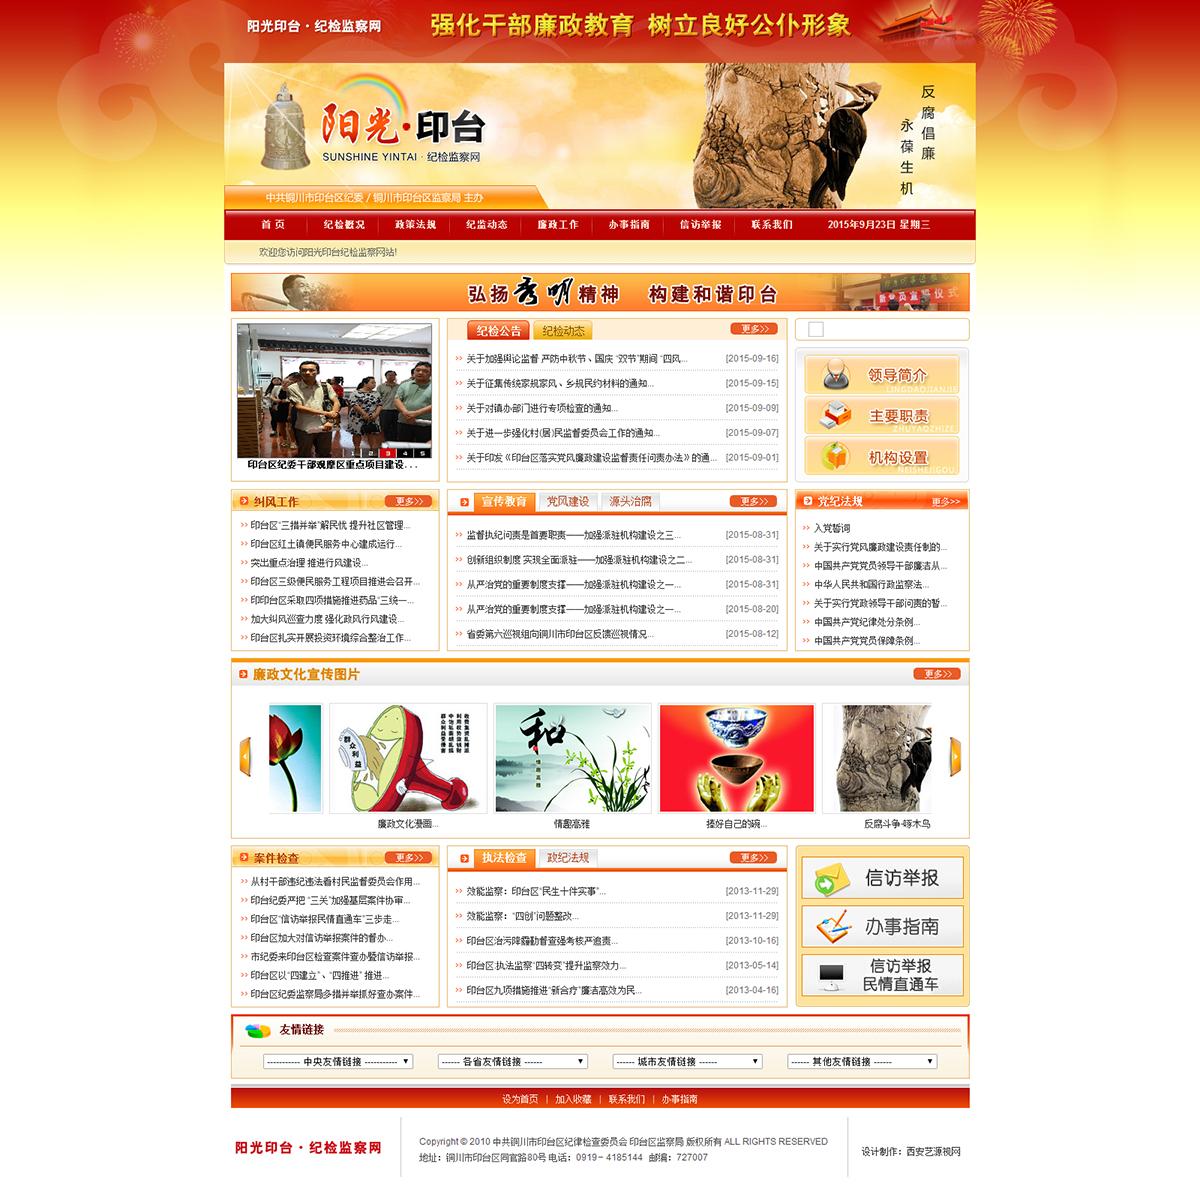 印台监察局网站首页展示